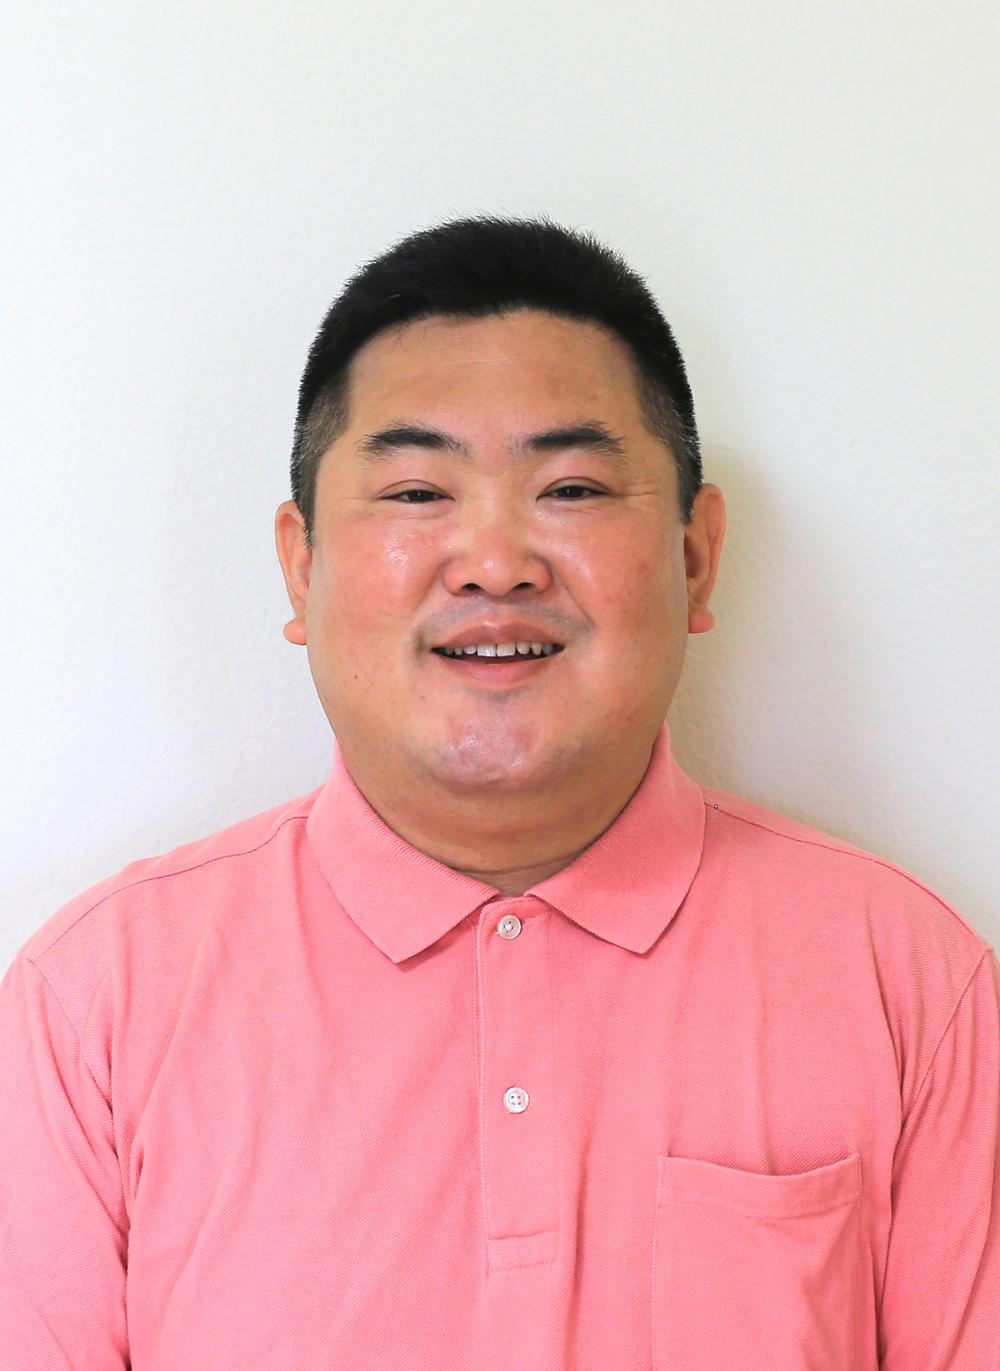 東北学院大学 講師・理学博士  水本 匡起氏